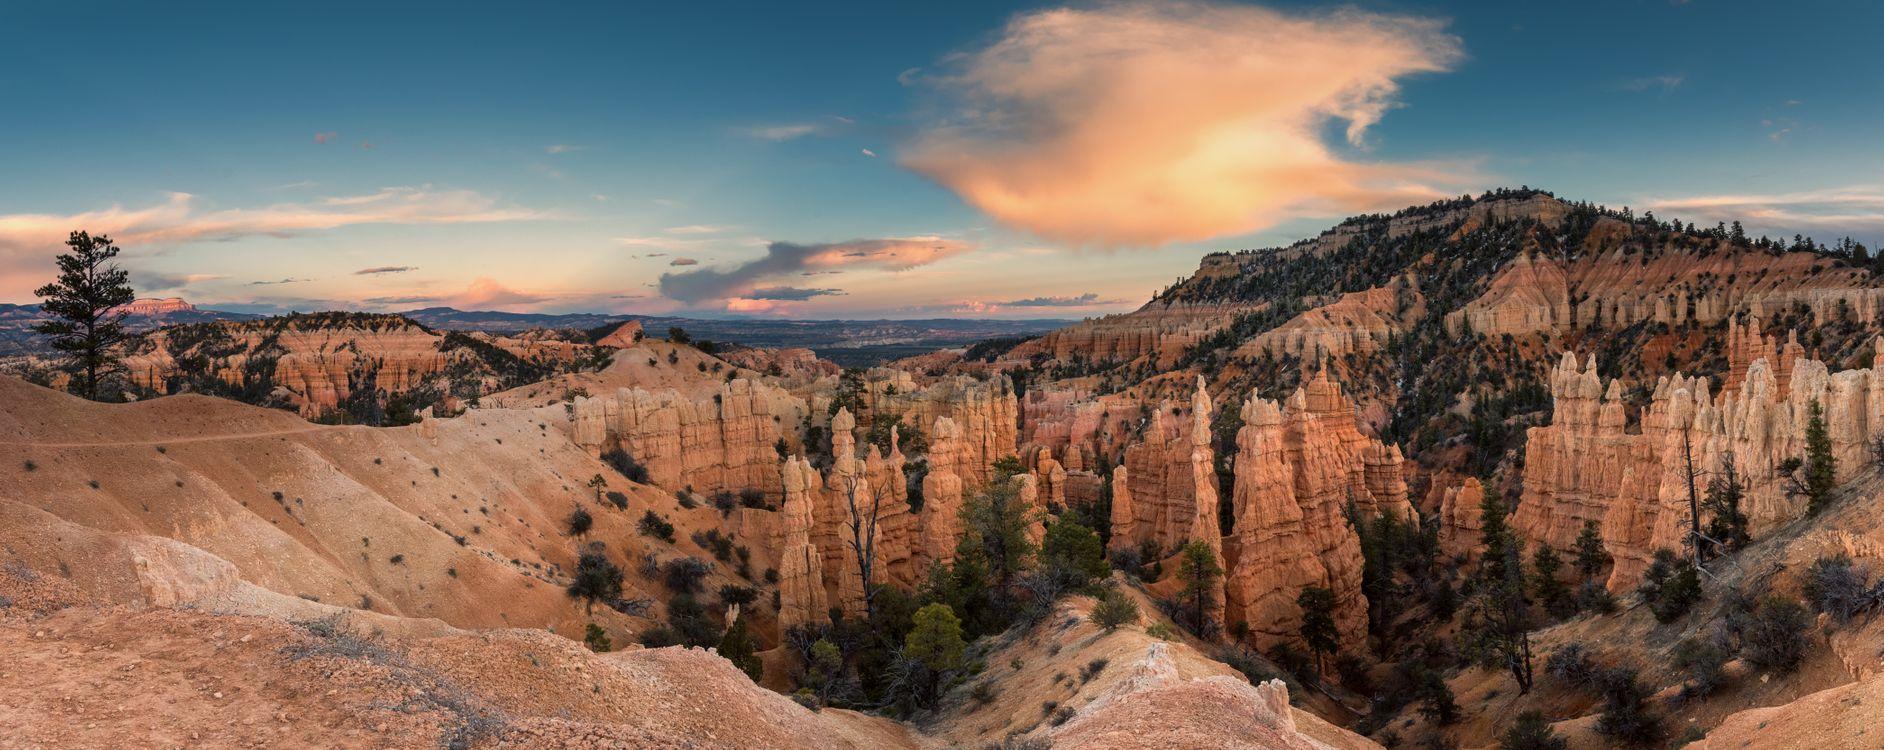 Фото бесплатно Bryce Canyon National Park, Utah, горы - на рабочий стол